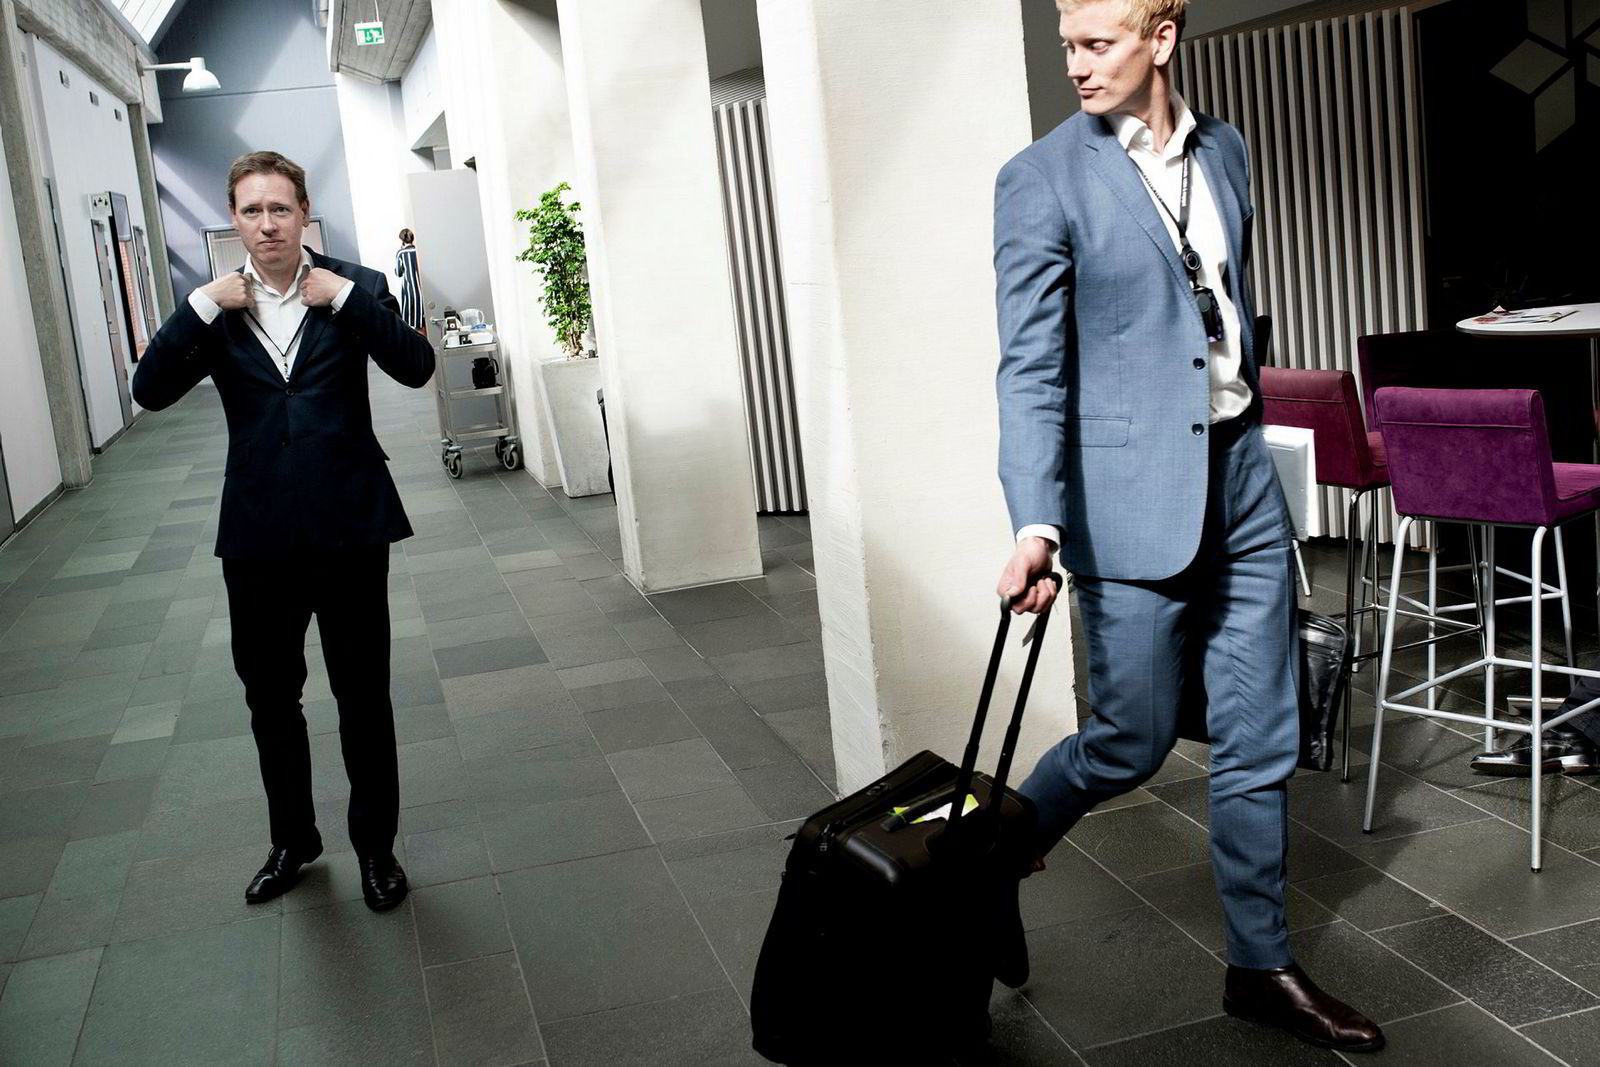 Al Cook, konserndirektør strategi og forretningsutvikling i Equinor på vei ut av selskapets kontor på Forus sammen med sin assistent Emil Gjeset, til høyre. Foto: Tommy Ellingsen